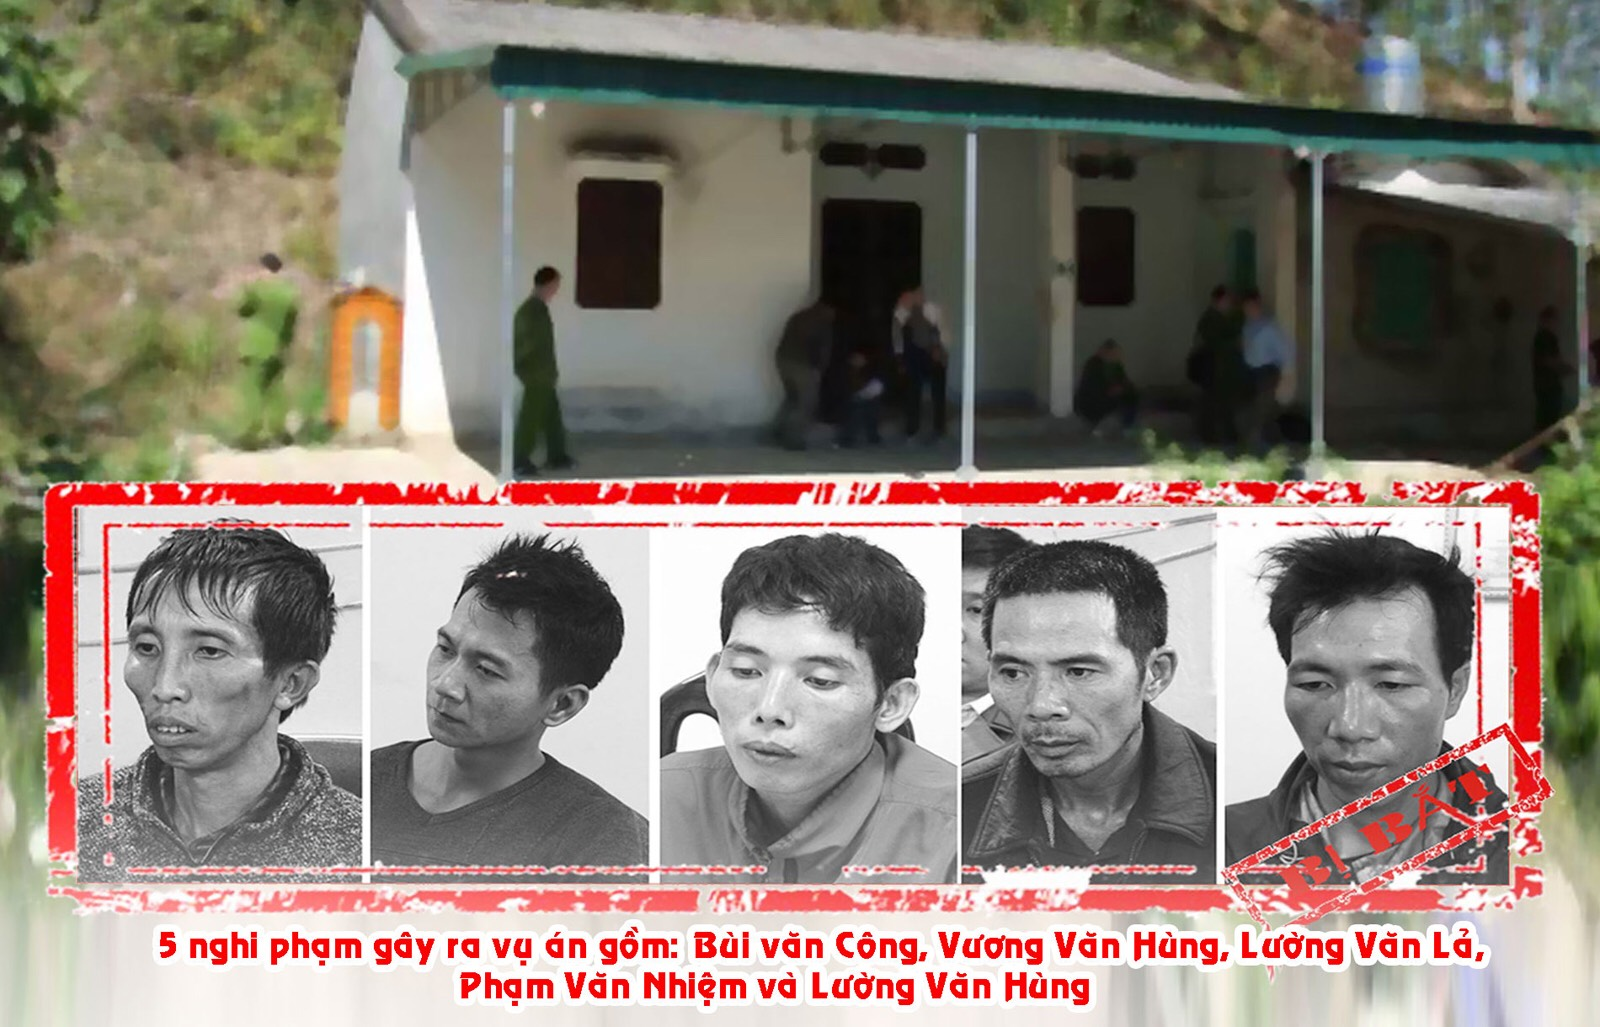 Toàn cảnh vụ sát hại nữ sinh giao gà tại tỉnh Điện Biên